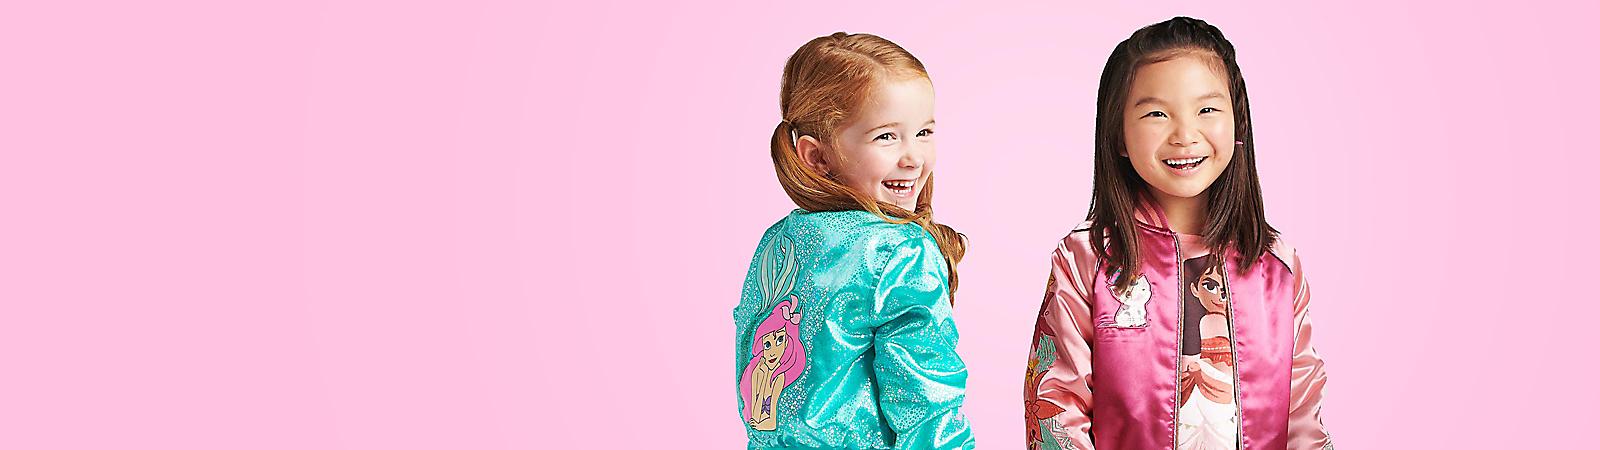 e49af45fea7f9 Girls' Clothing | shopDisney